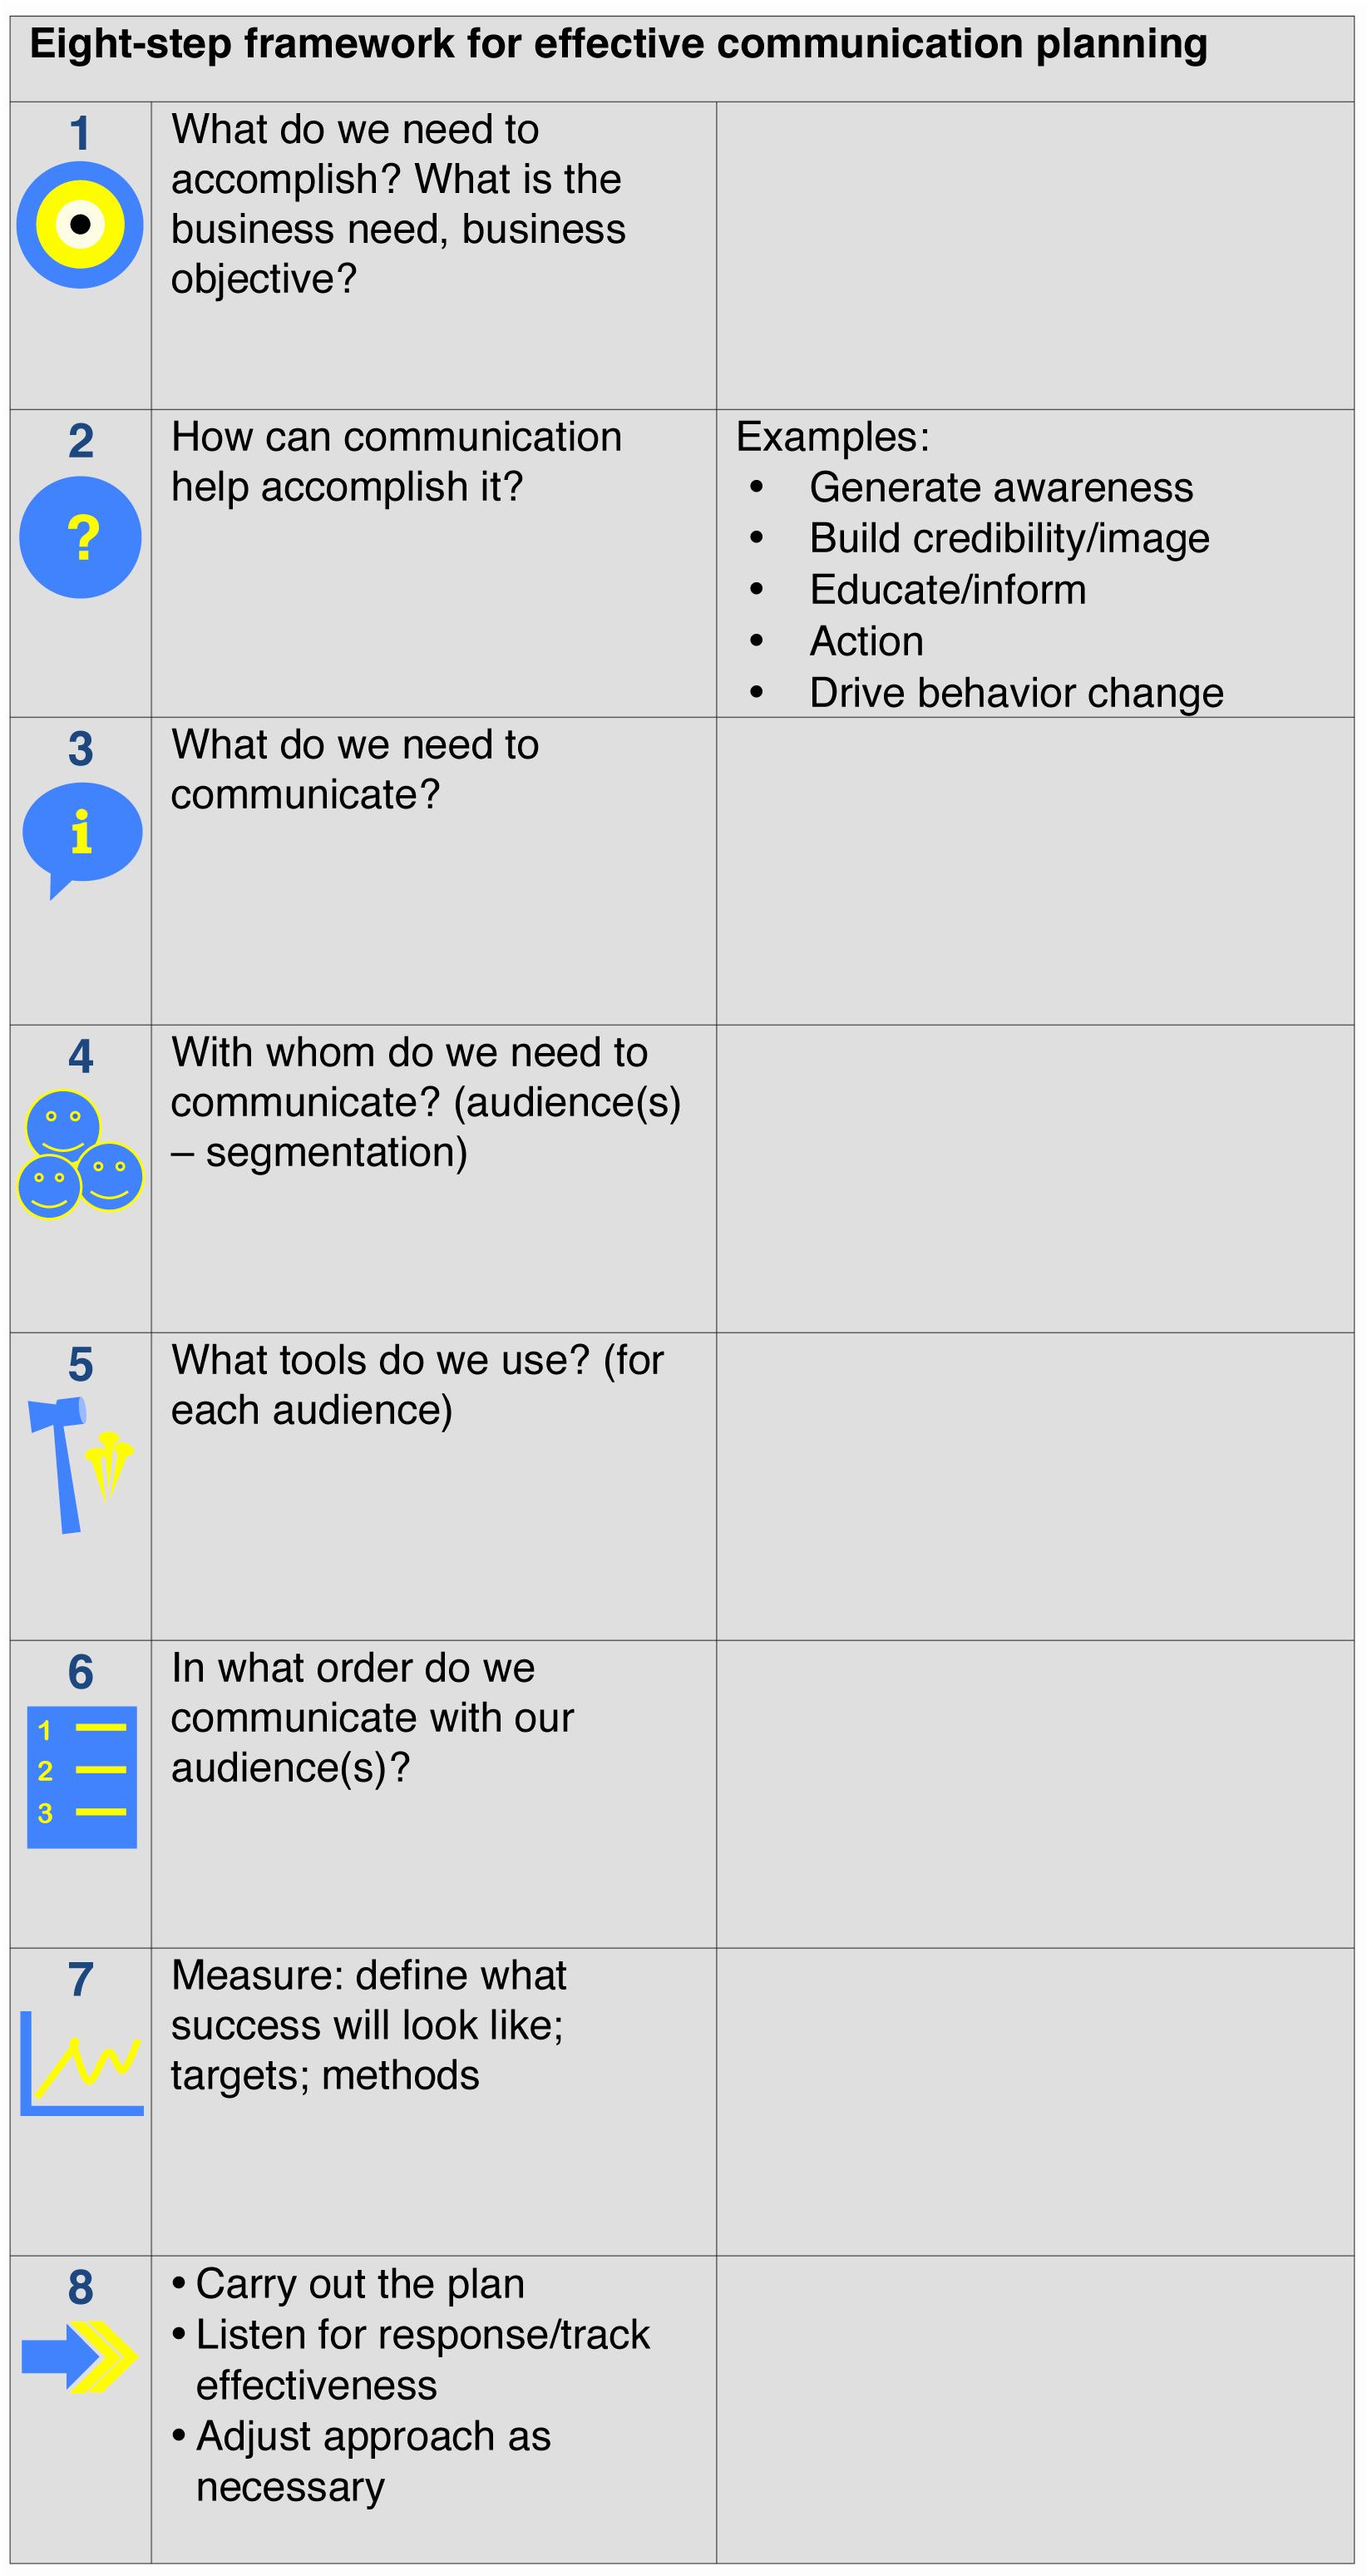 Internal Communications Strategy Template Fresh Effective Munication Planning An 8 Step Framework